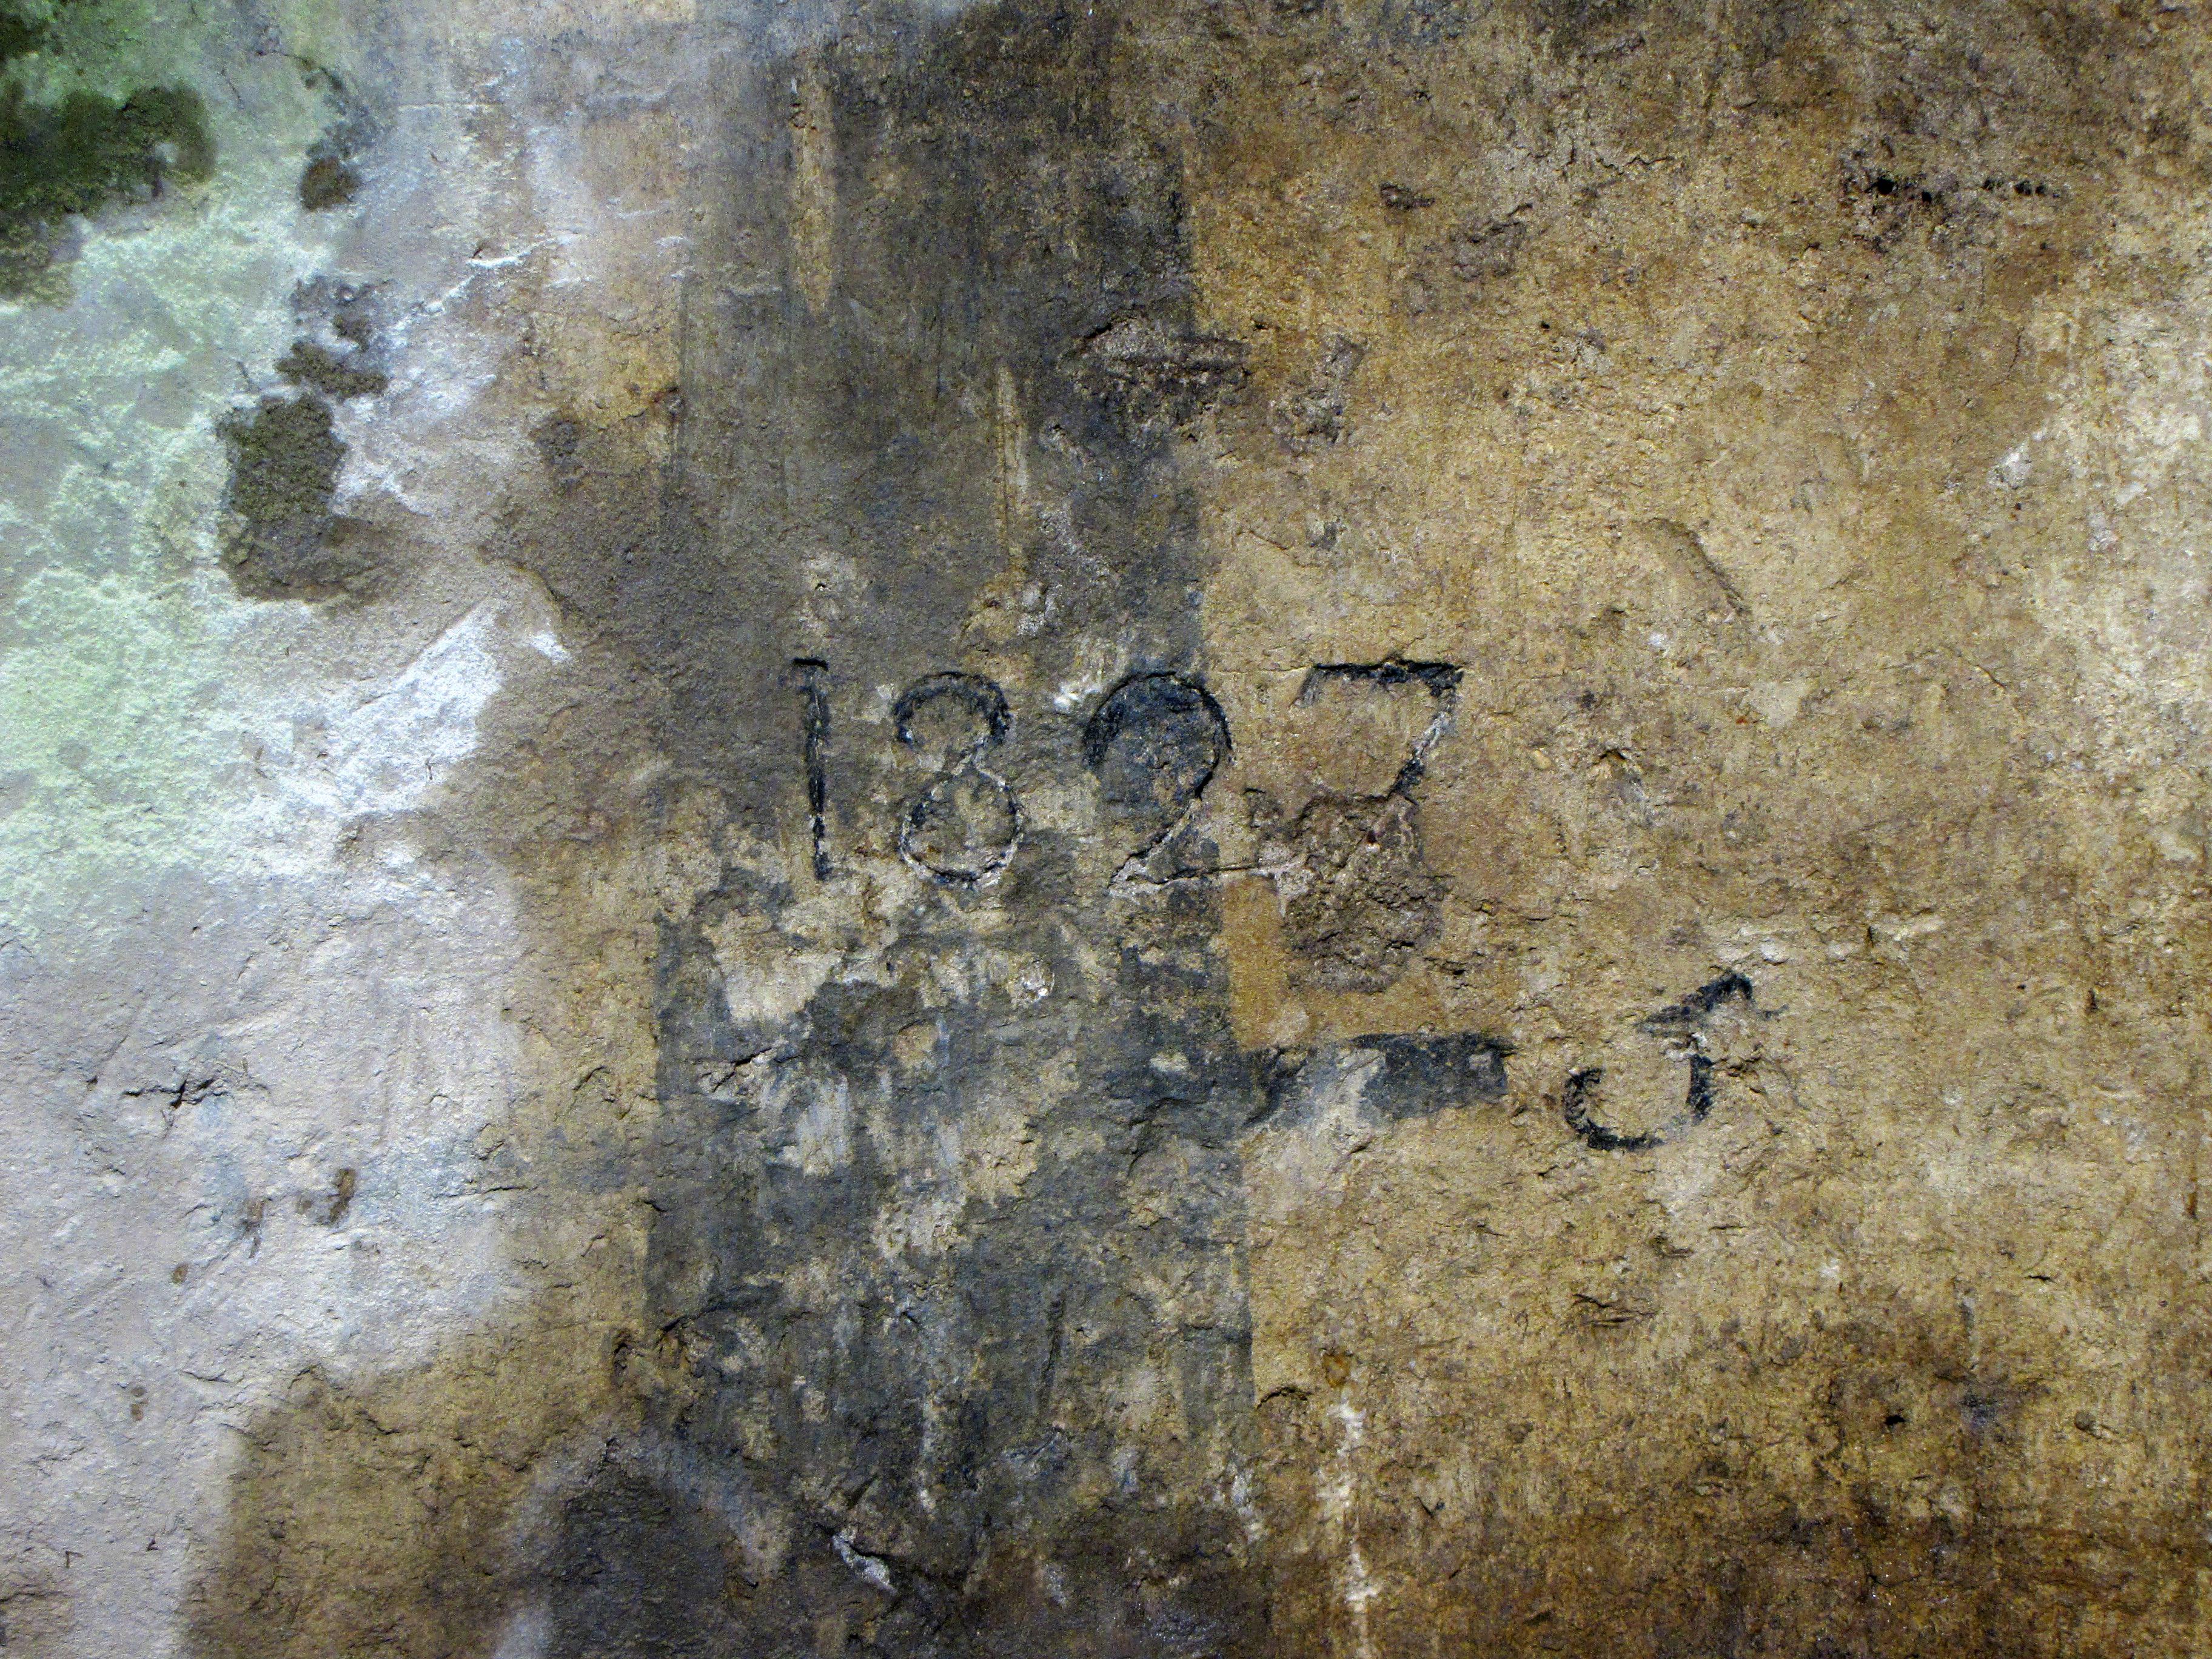 La data del 1827 incisa nell'intonaco della parete